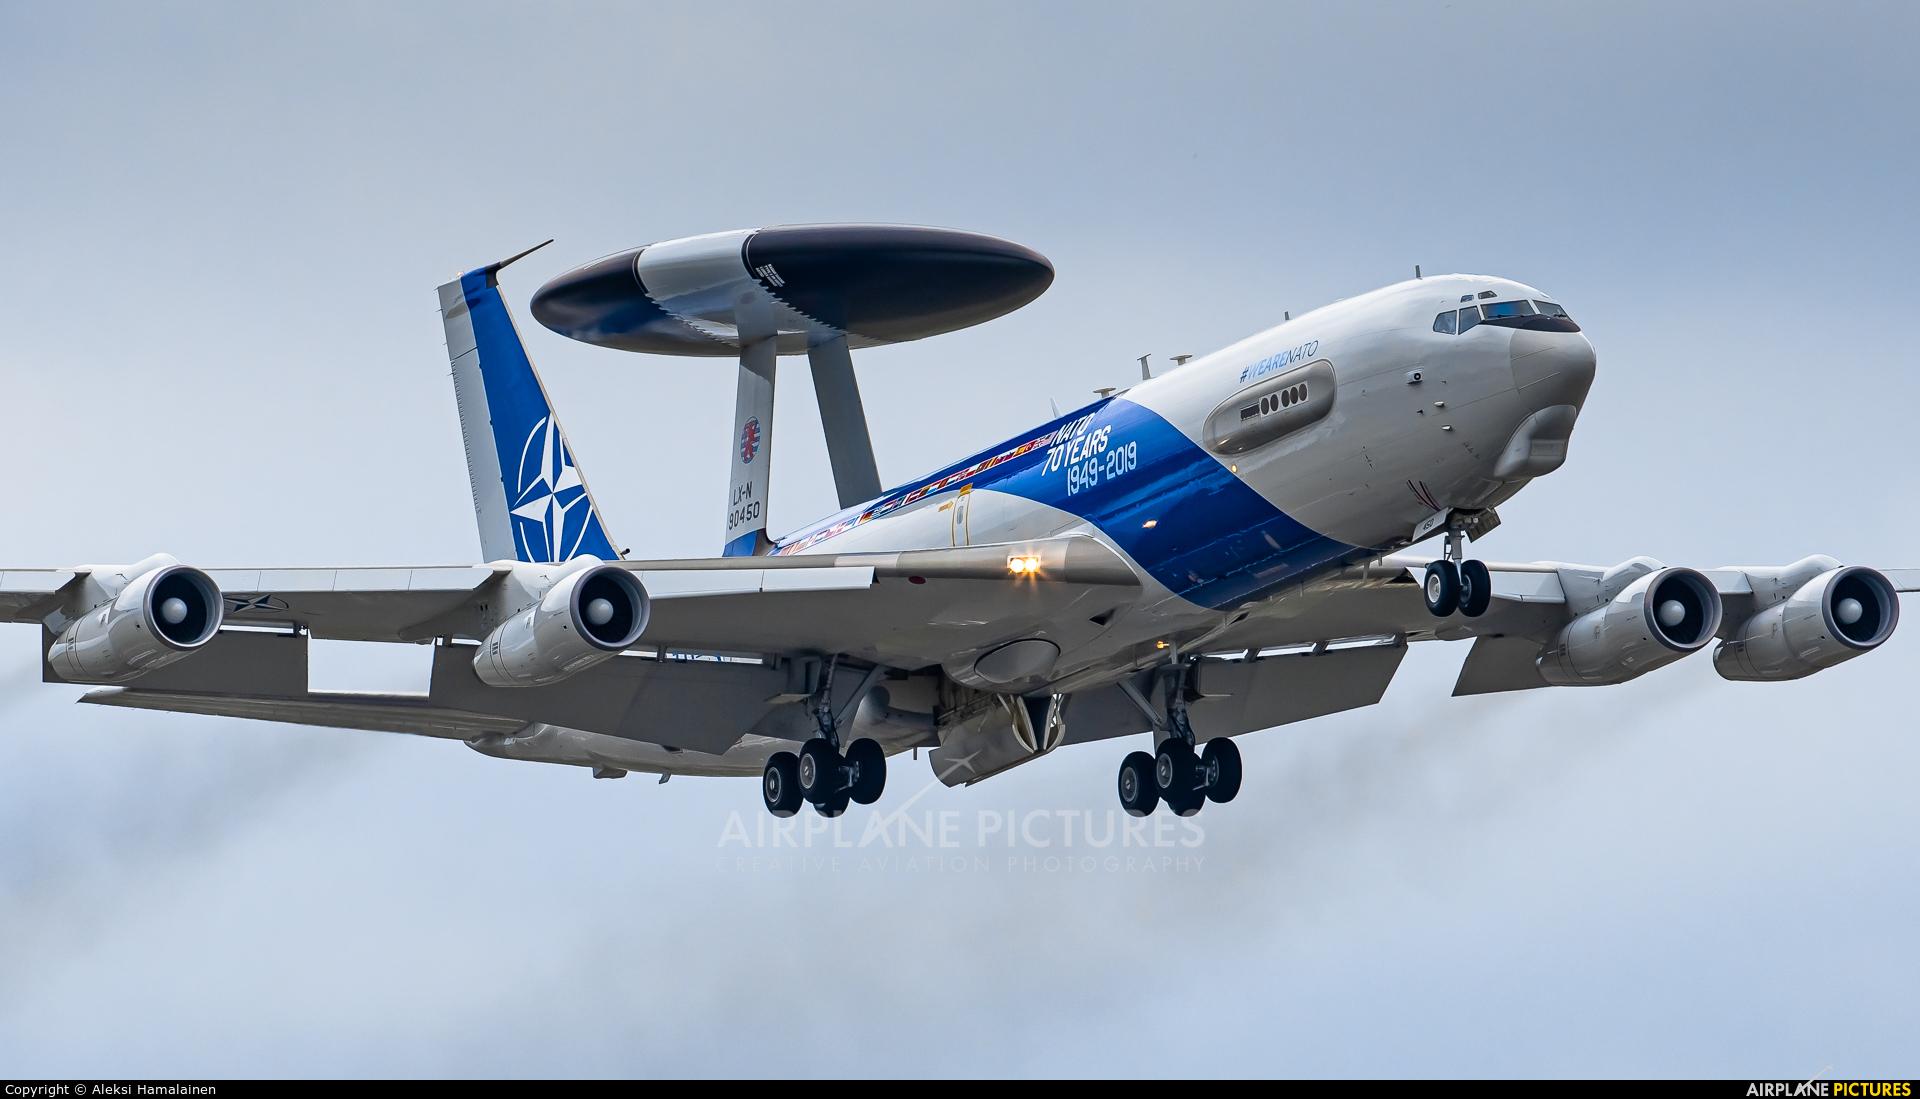 NATO LX-N90450 aircraft at Turku